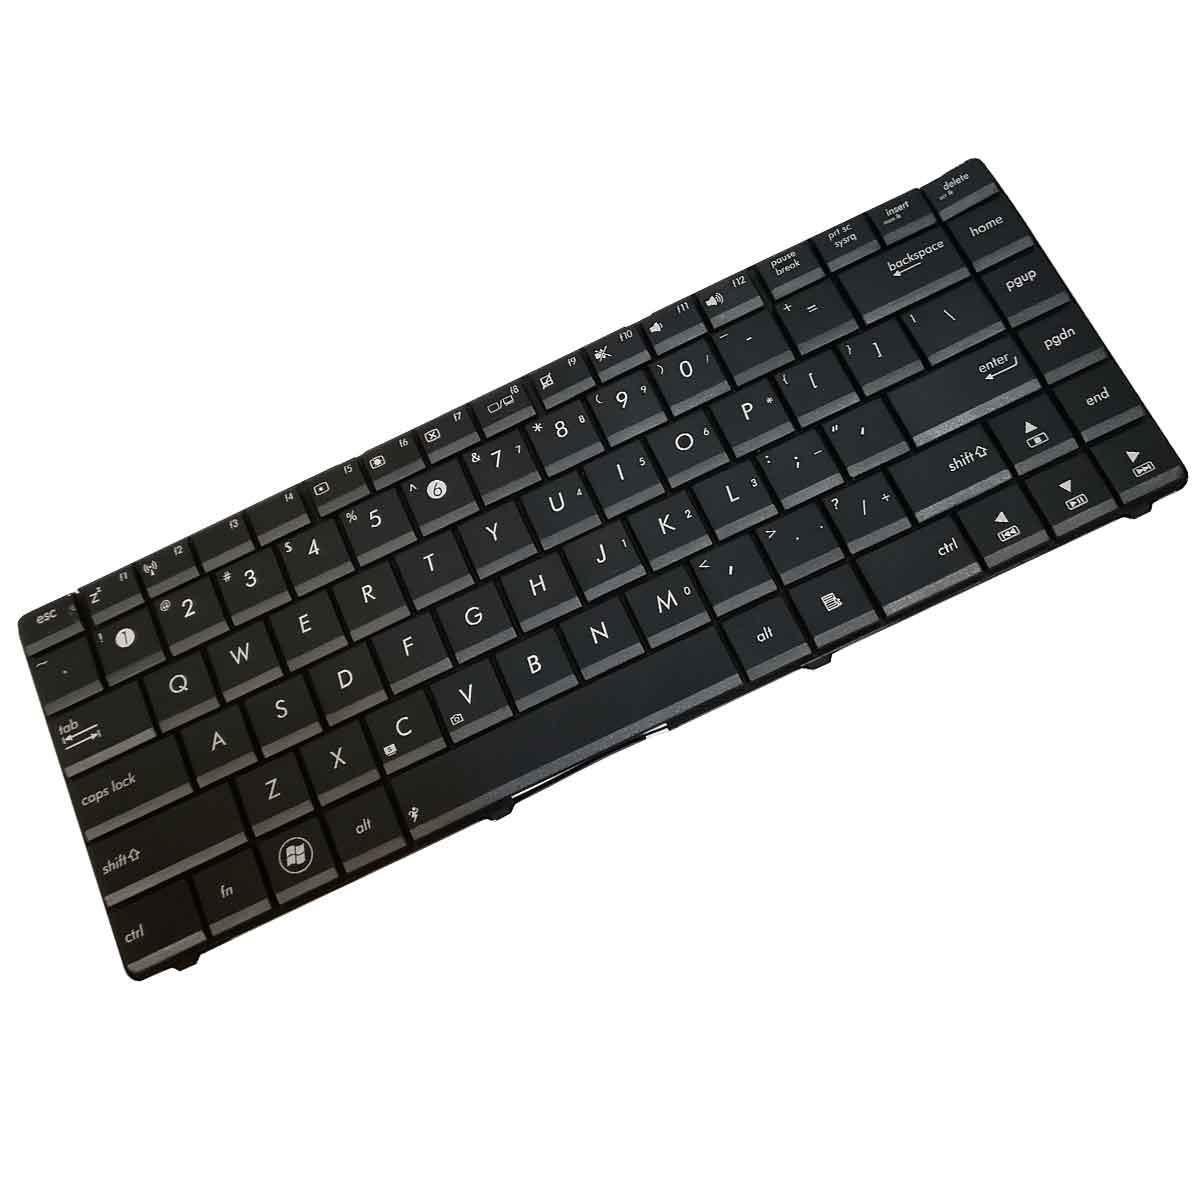 کیبورد لپ تاپ ایسوس Keyboard Laptop ASUS X42 k42